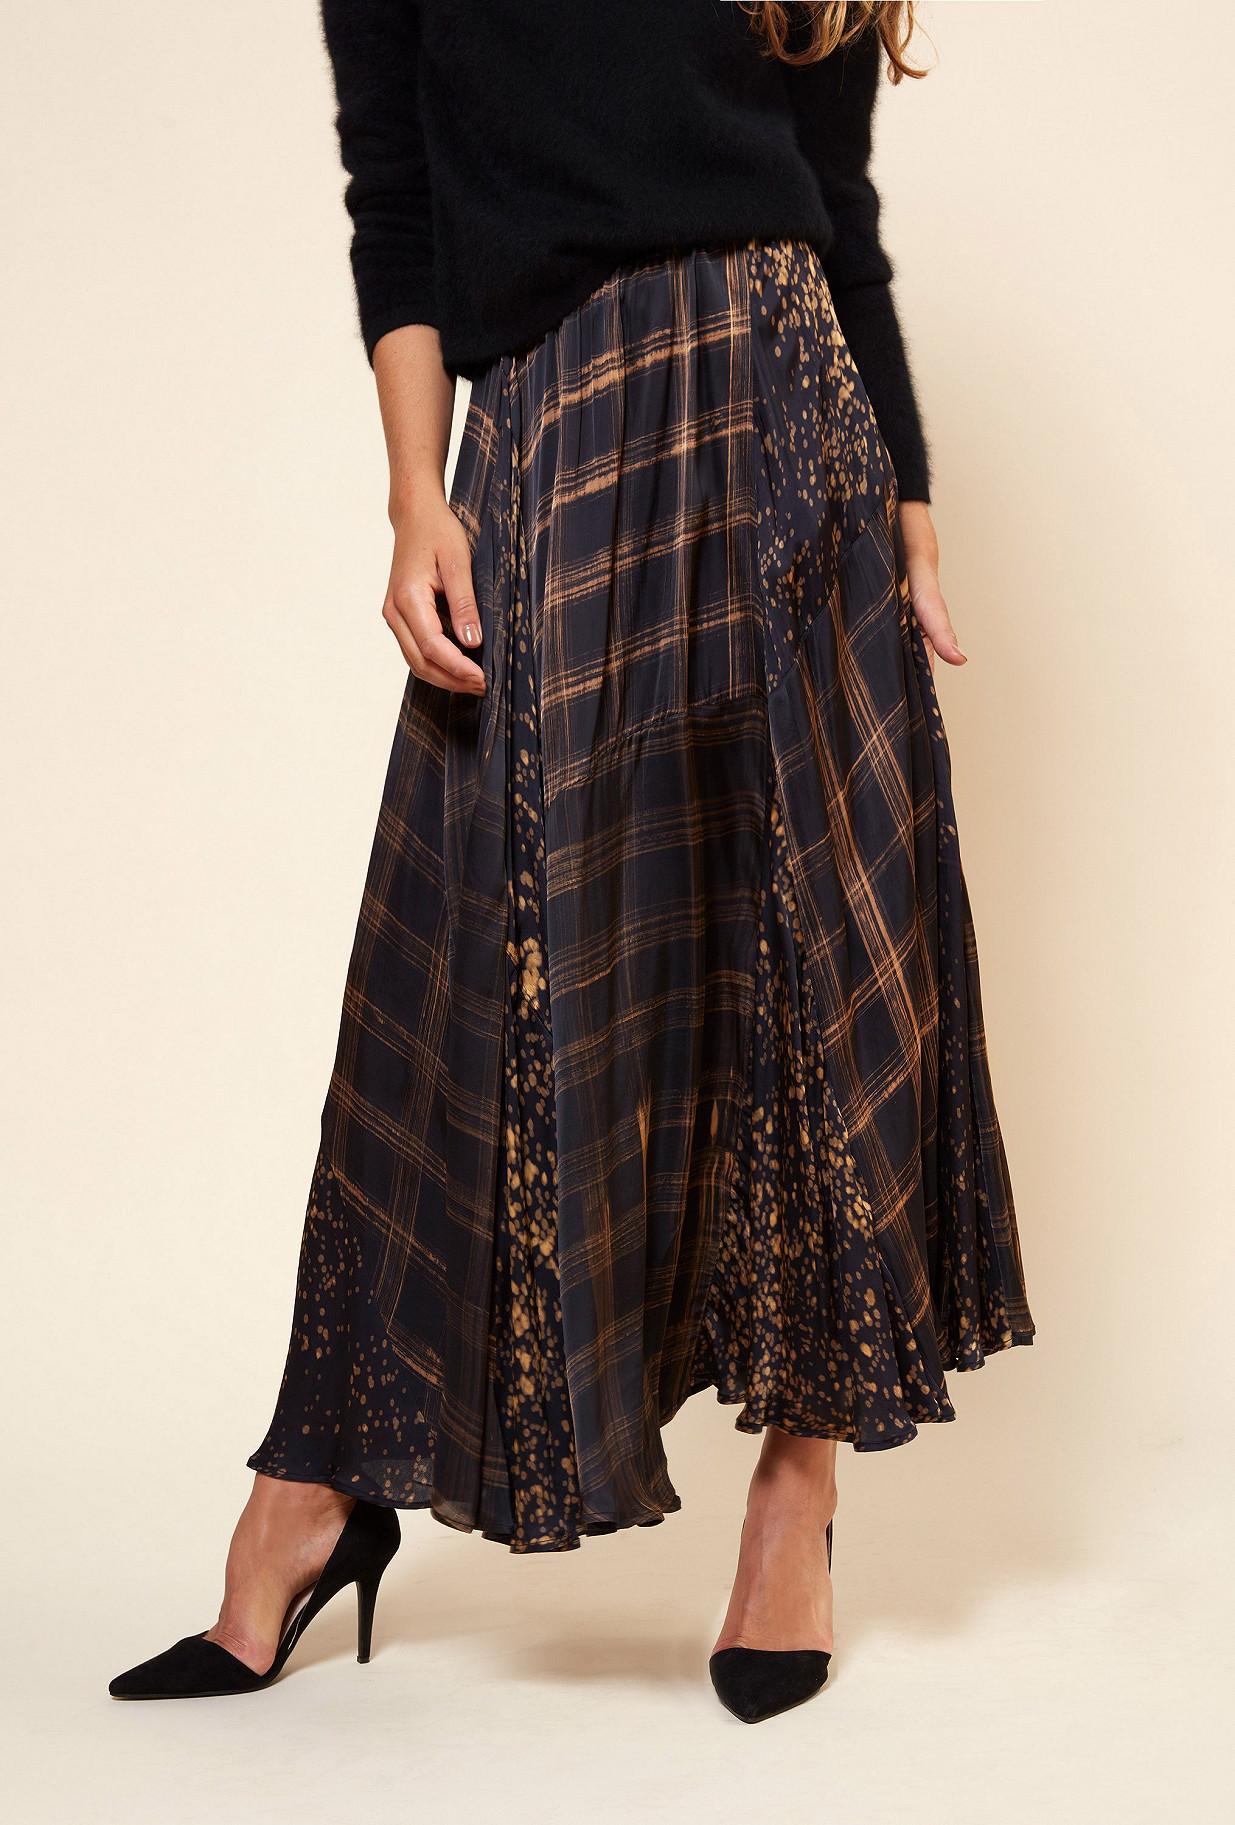 Black  Skirt  Gaite Mes demoiselles fashion clothes designer Paris